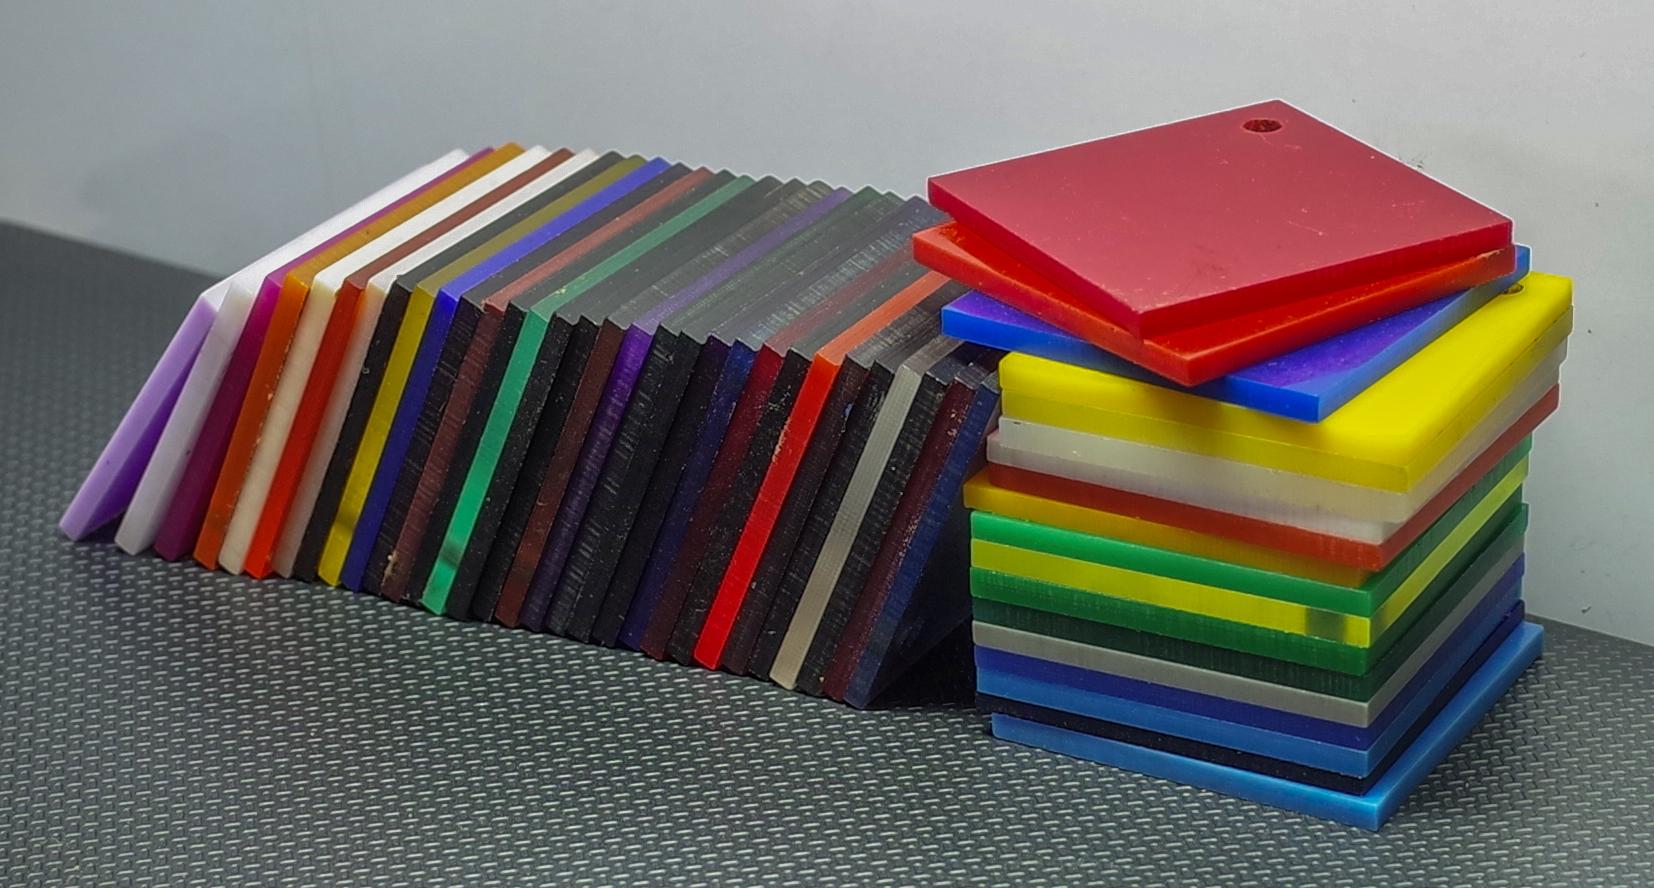 Bảng báo giá tấm nhựa mica màu xanh, đỏ, tím, vàng, nâu, đen, cam các loại